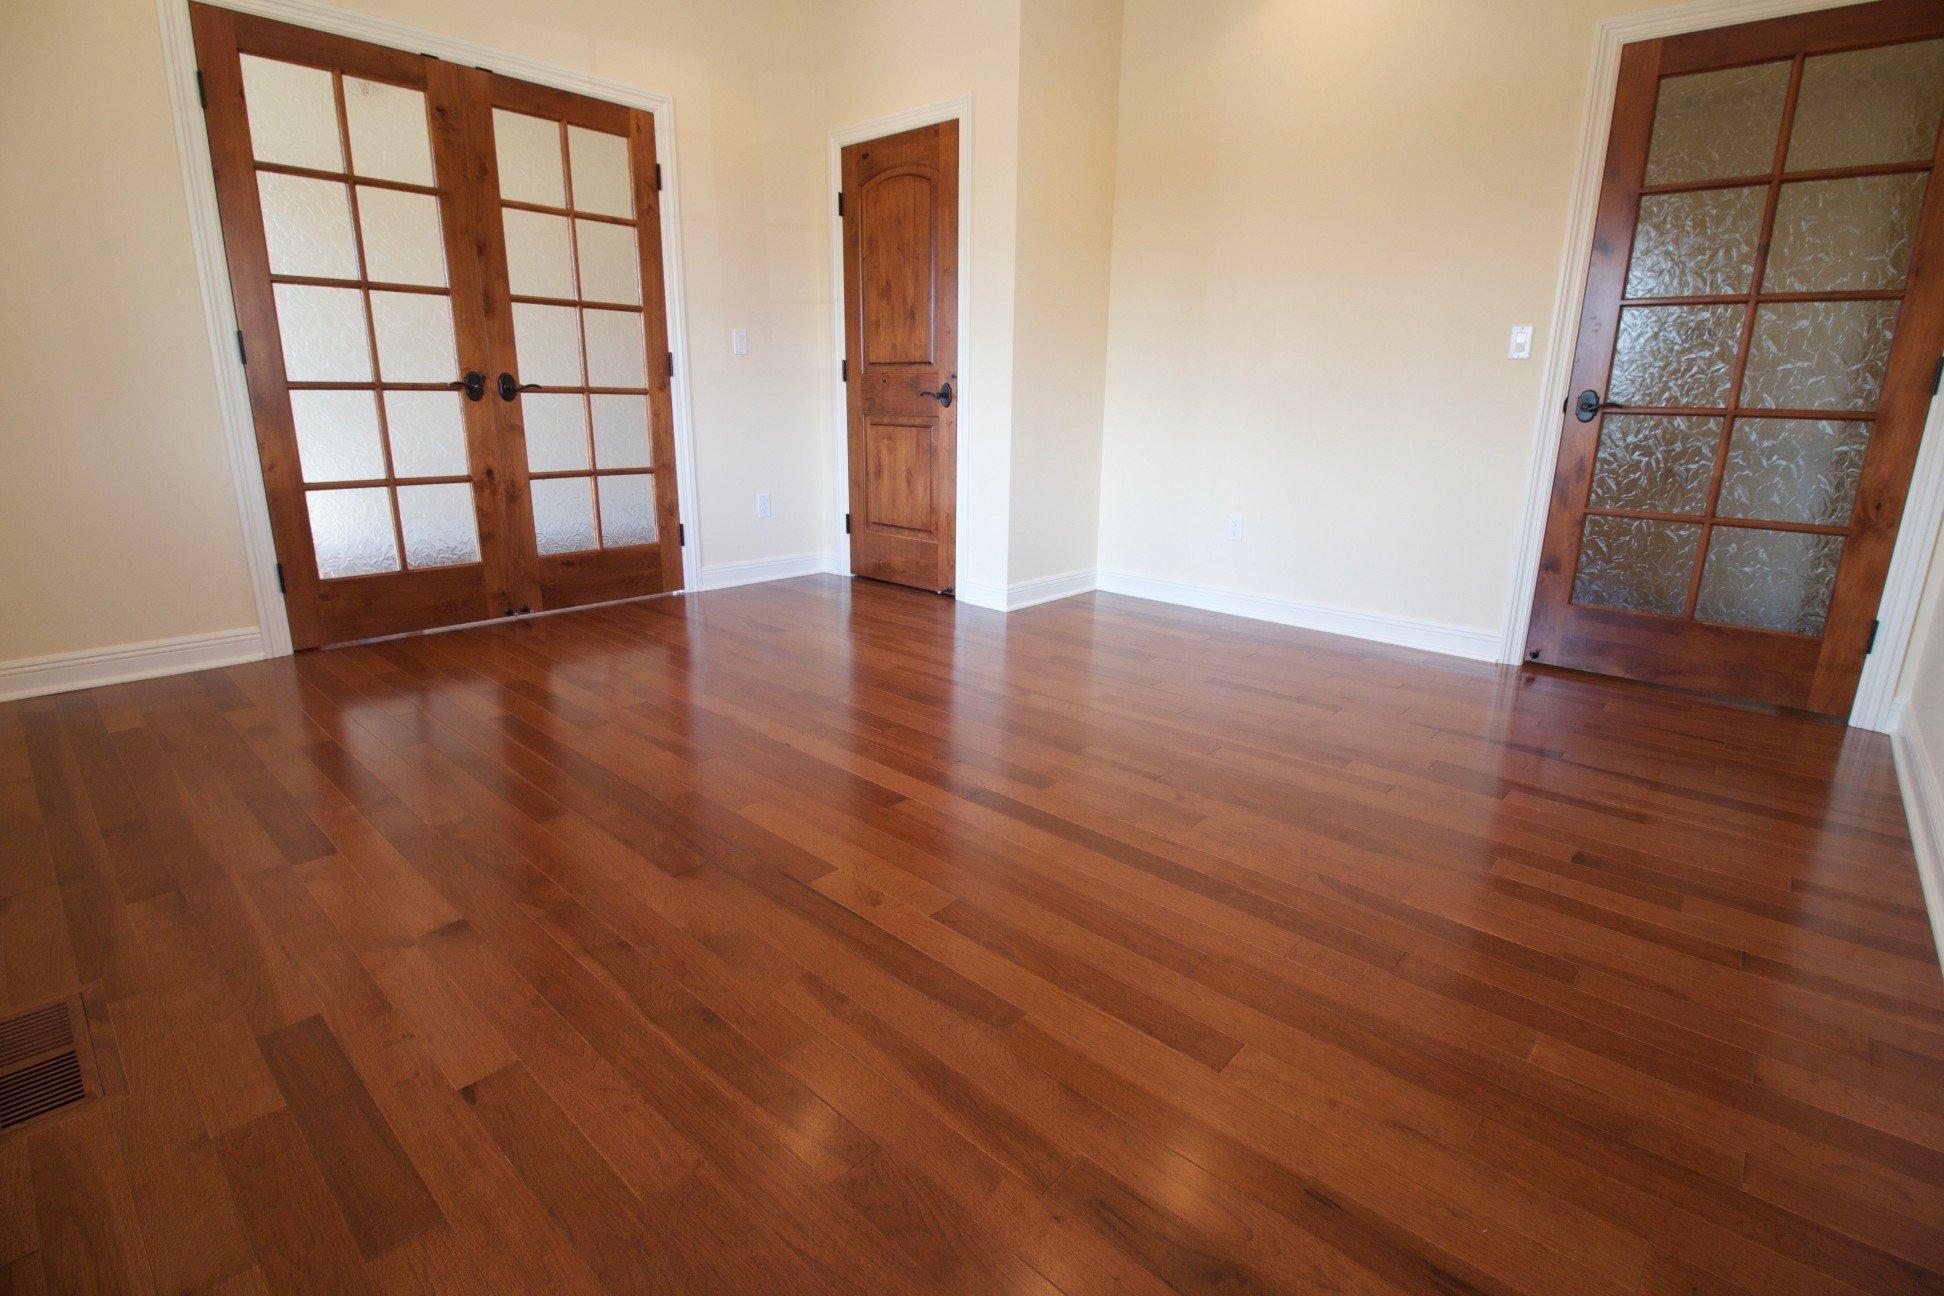 Hardwood Floor Pictures Living Room